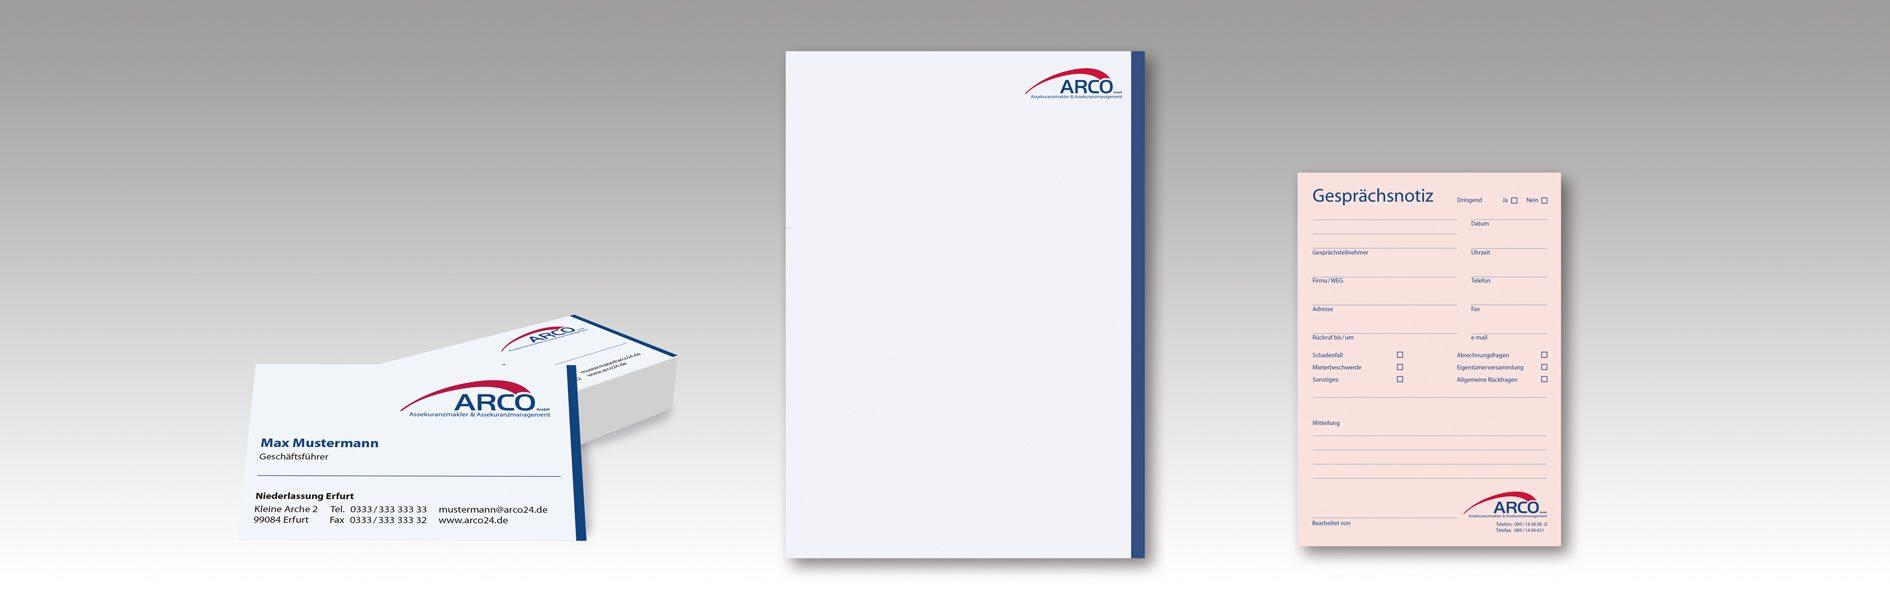 Hier sind die neuen Arco Visitenkarten, das Briefpapier und der Notizzettel zu sehen